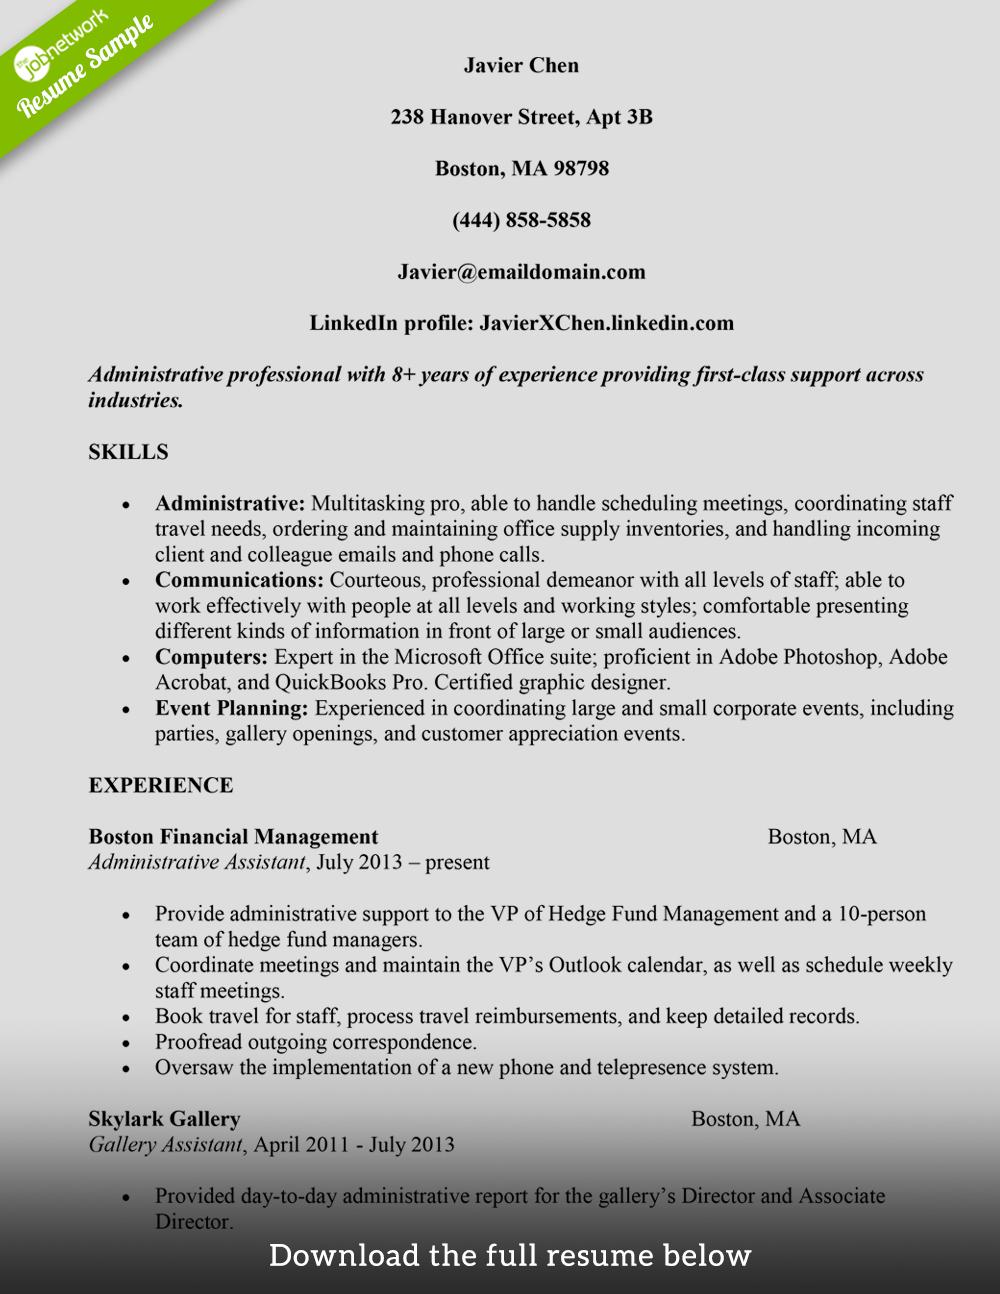 AdministrativeAssistantResumeJavierChen  JobSkills